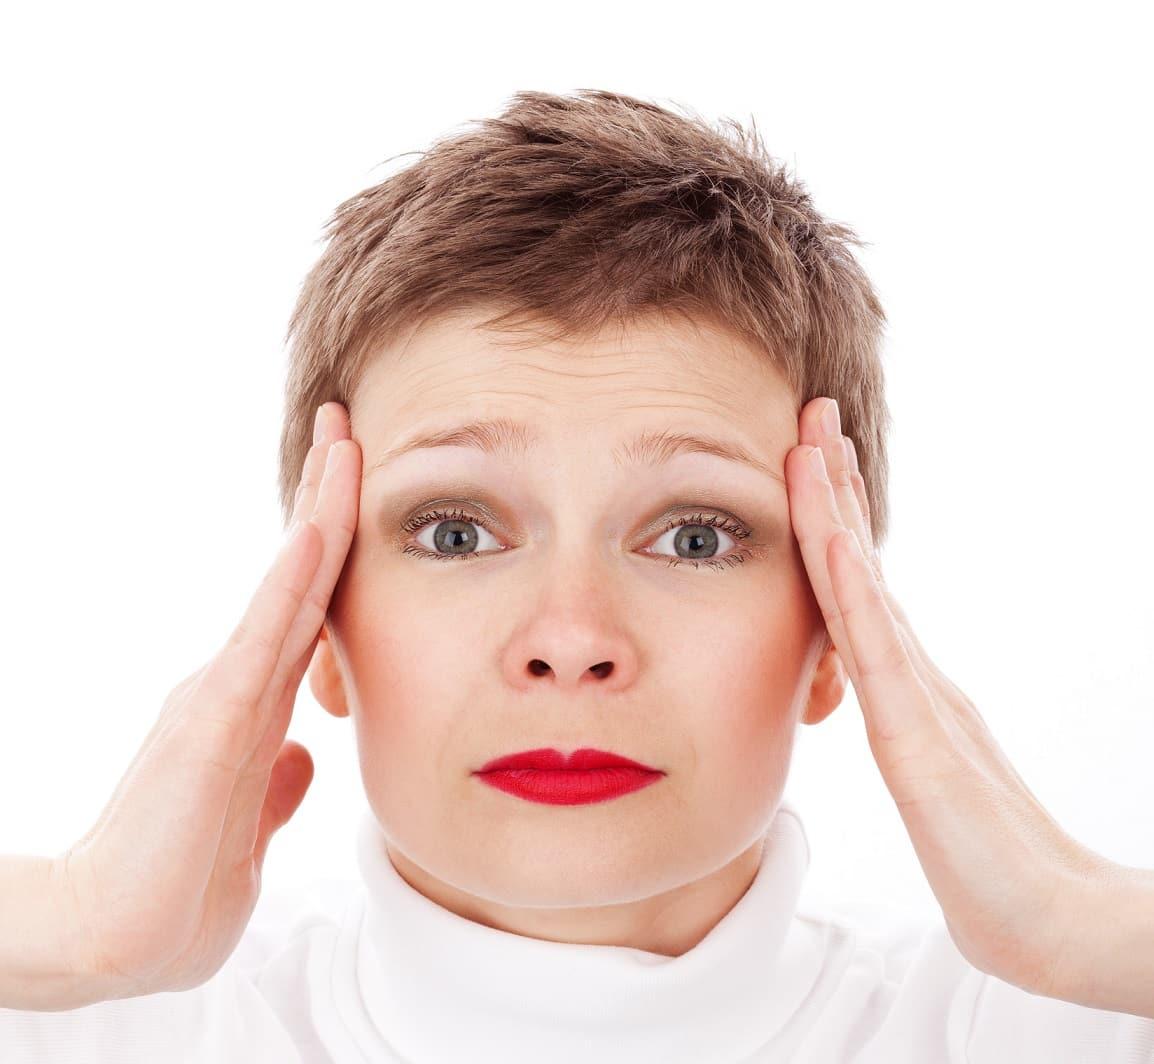 בלבול בתקופה של נשירת שיער אצל נשים בגיל המעבר